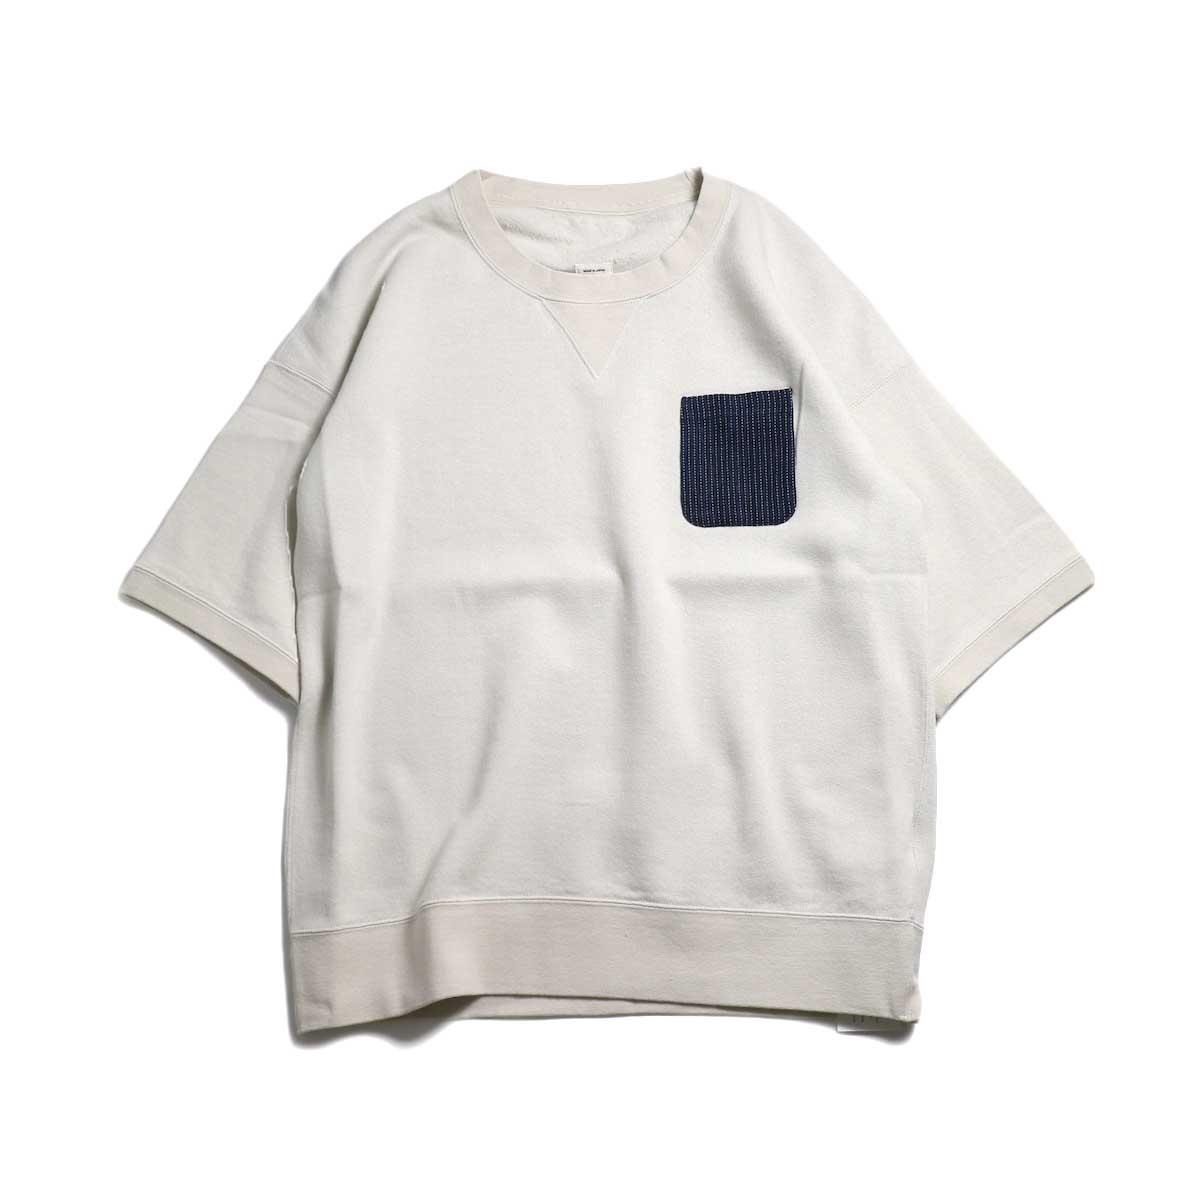 visvim / JUMBO PCKT S/S -Off White